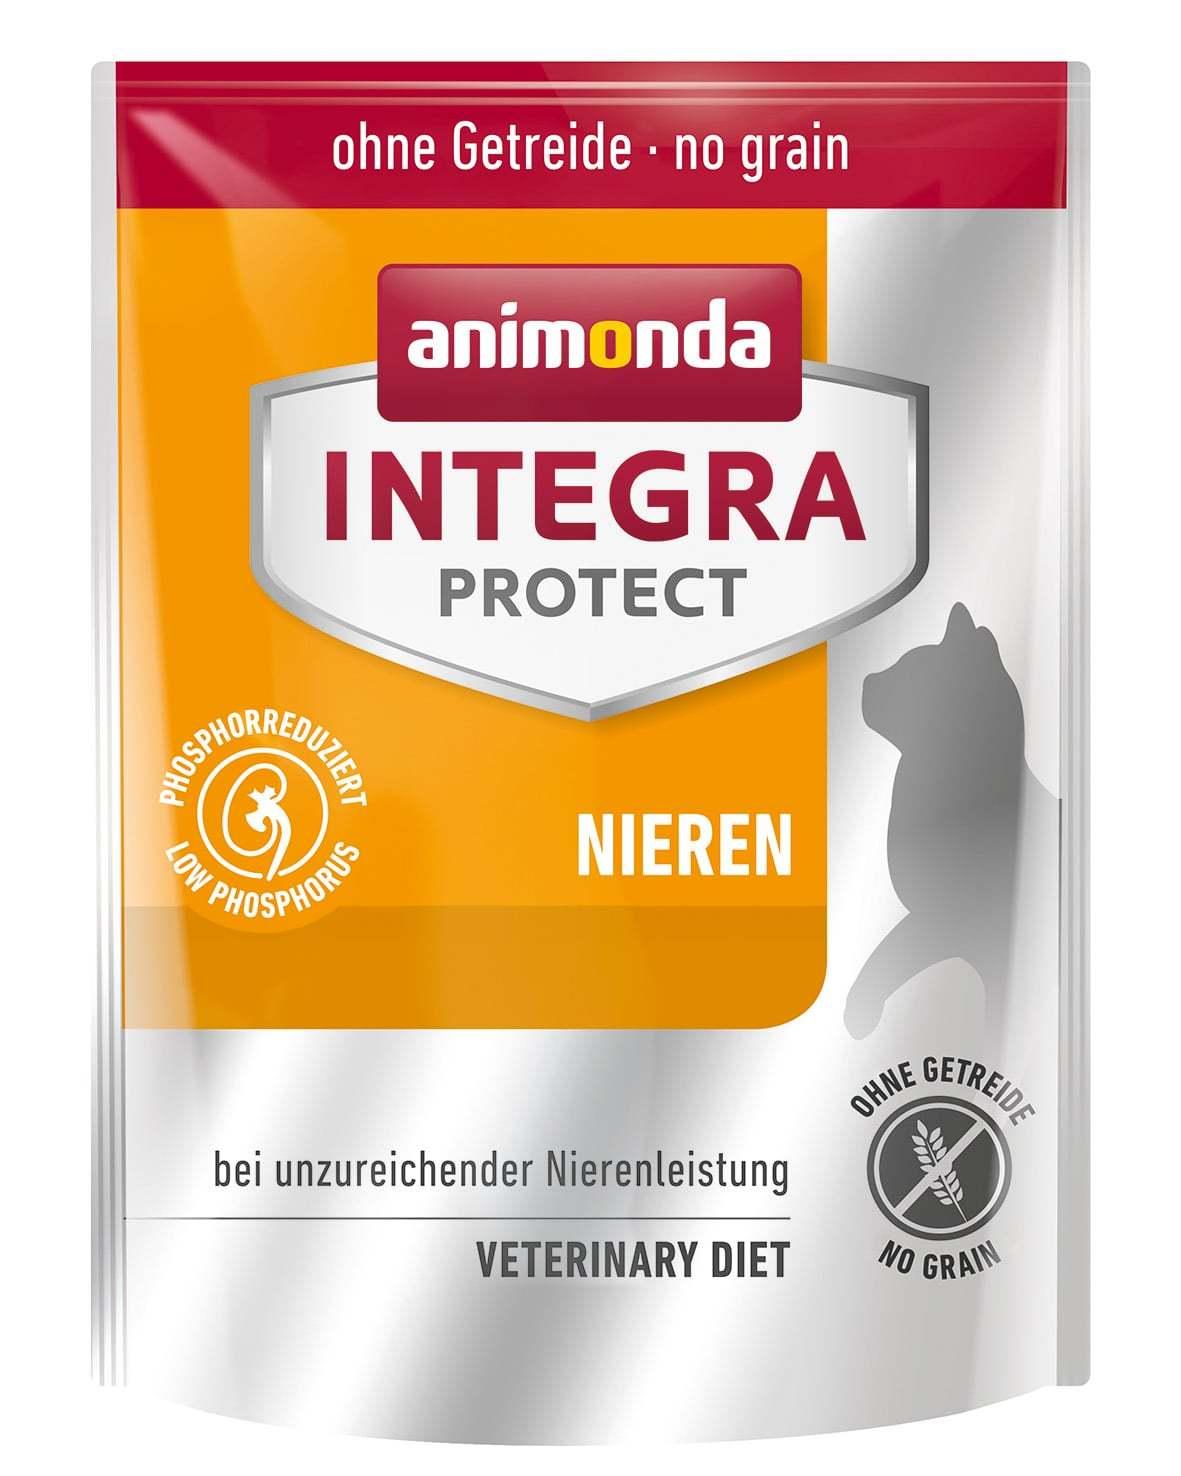 Купить Animonda Integra Protect Cat Nieren (RENAL) для кошек